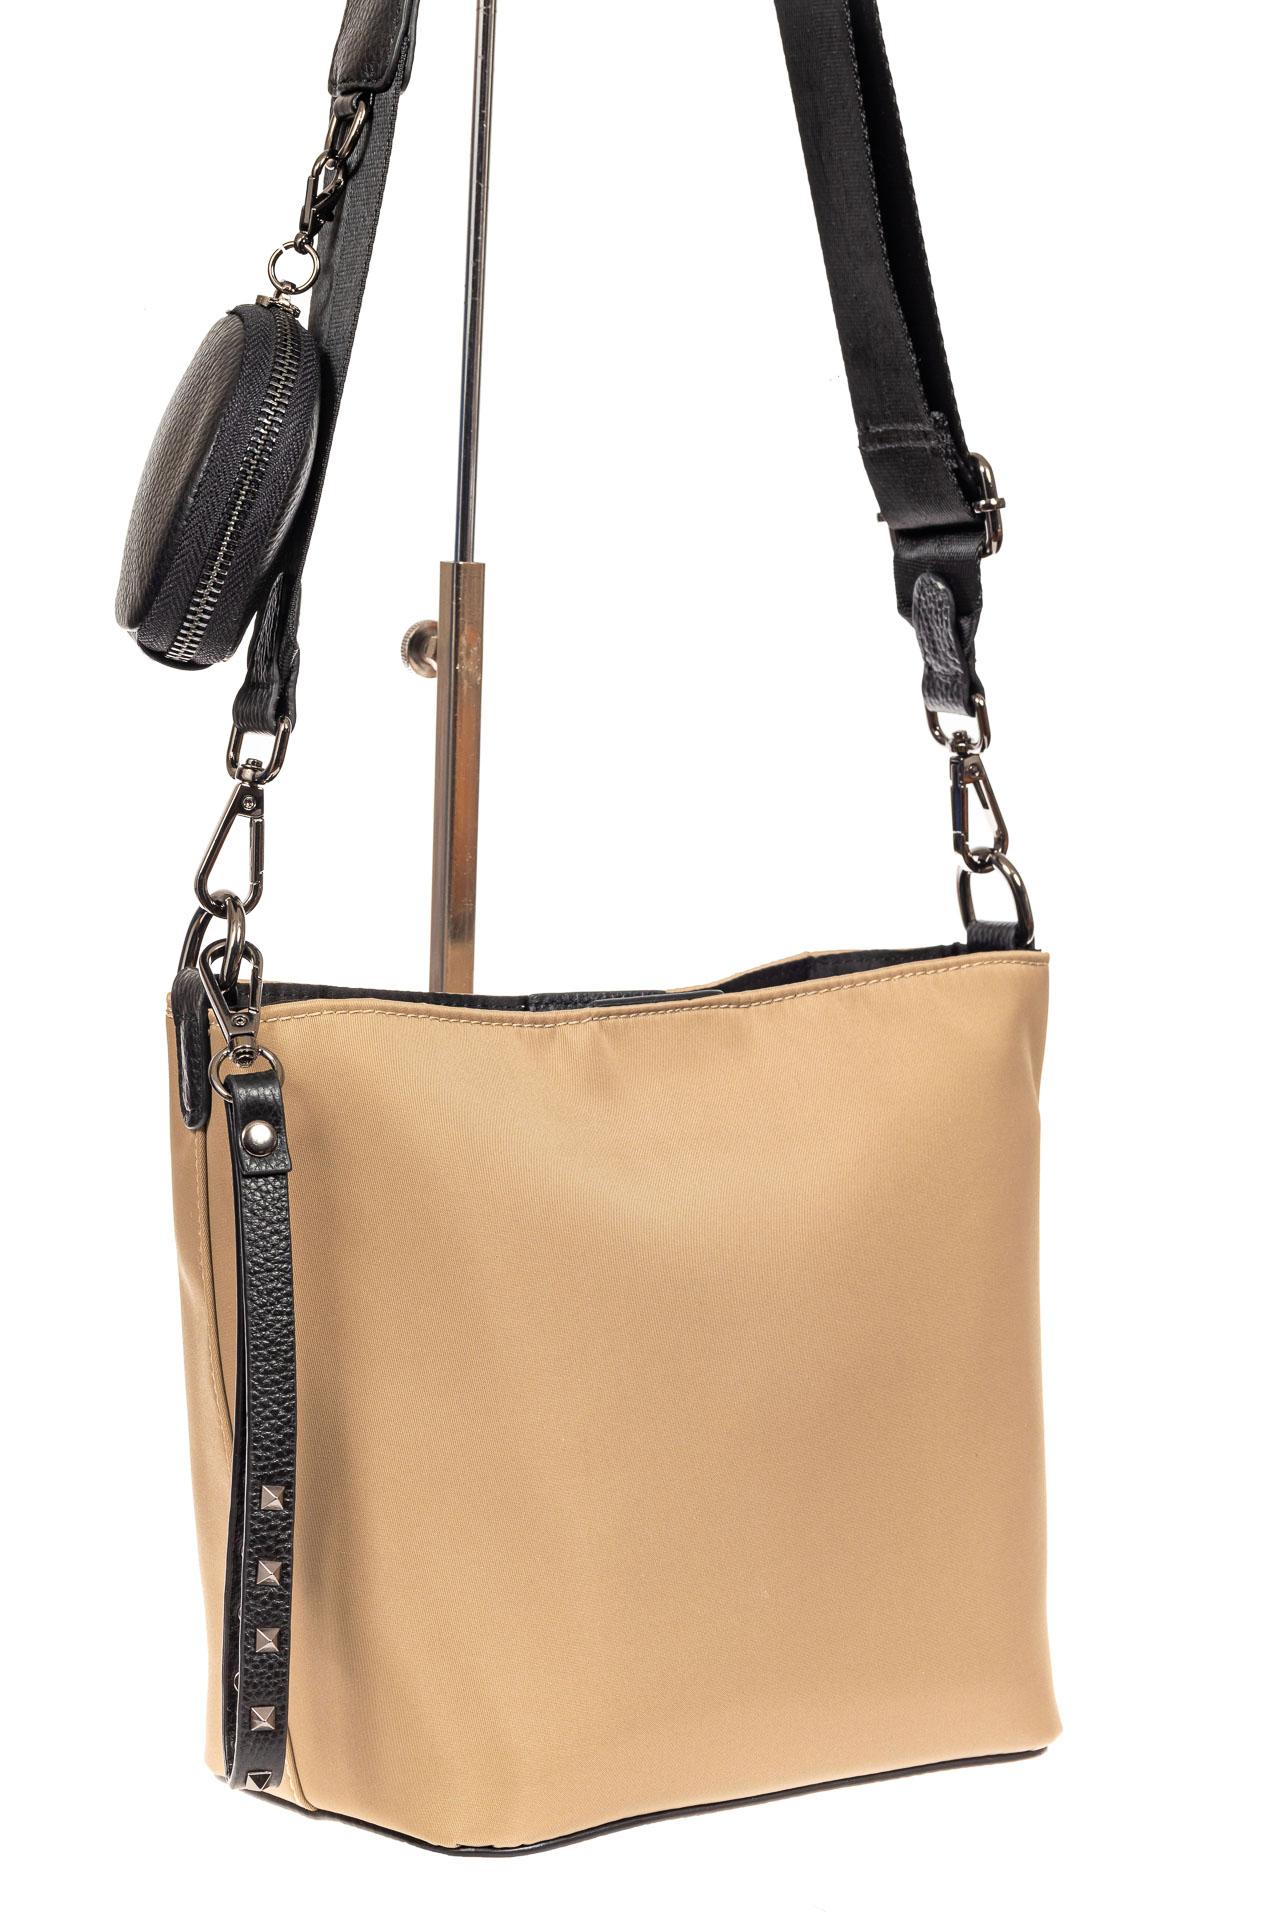 Текстильная женская сумка, цвет бежевый7912NK0820/10